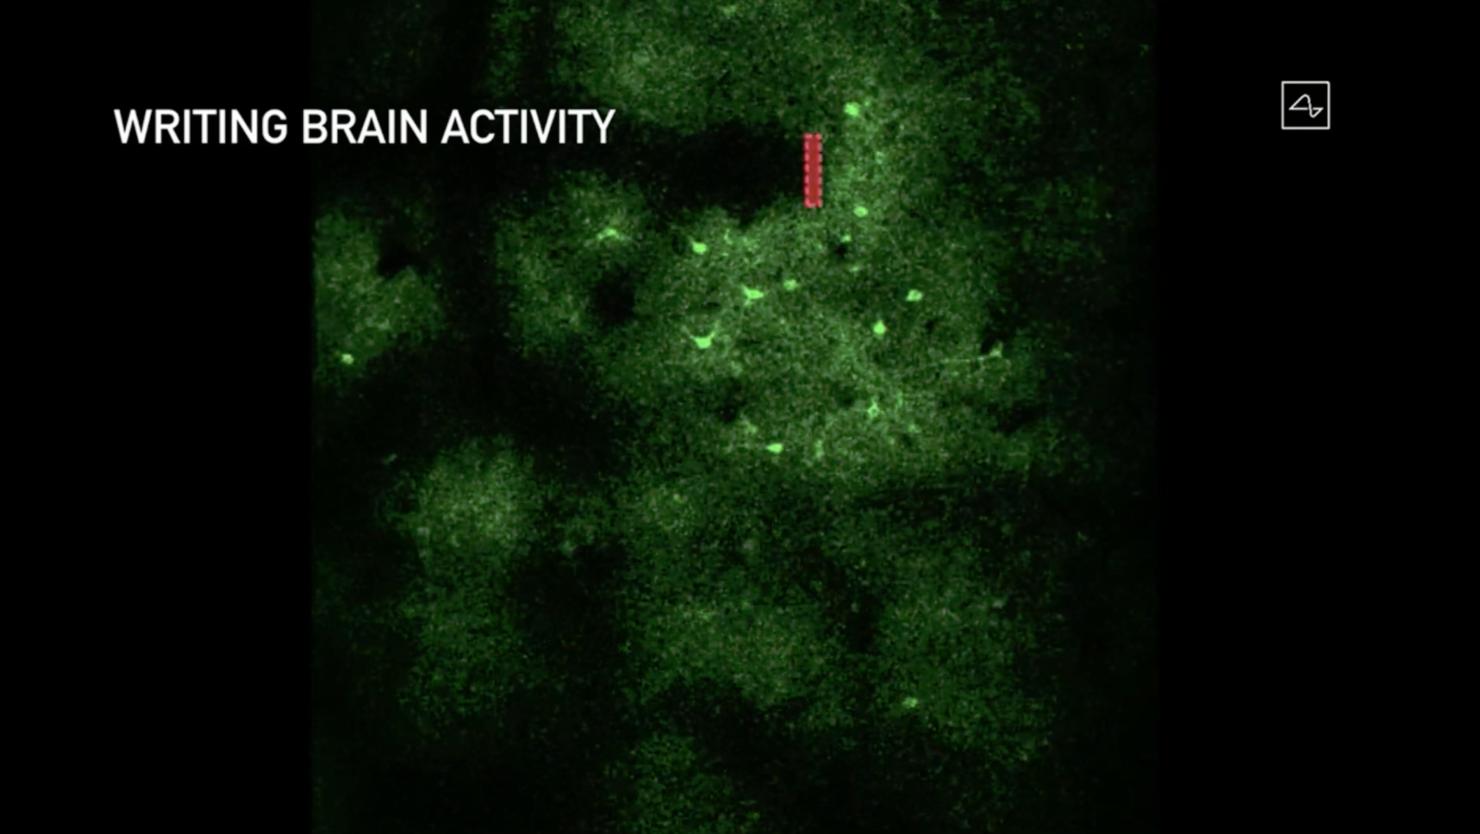 neuron-firing-neuralink